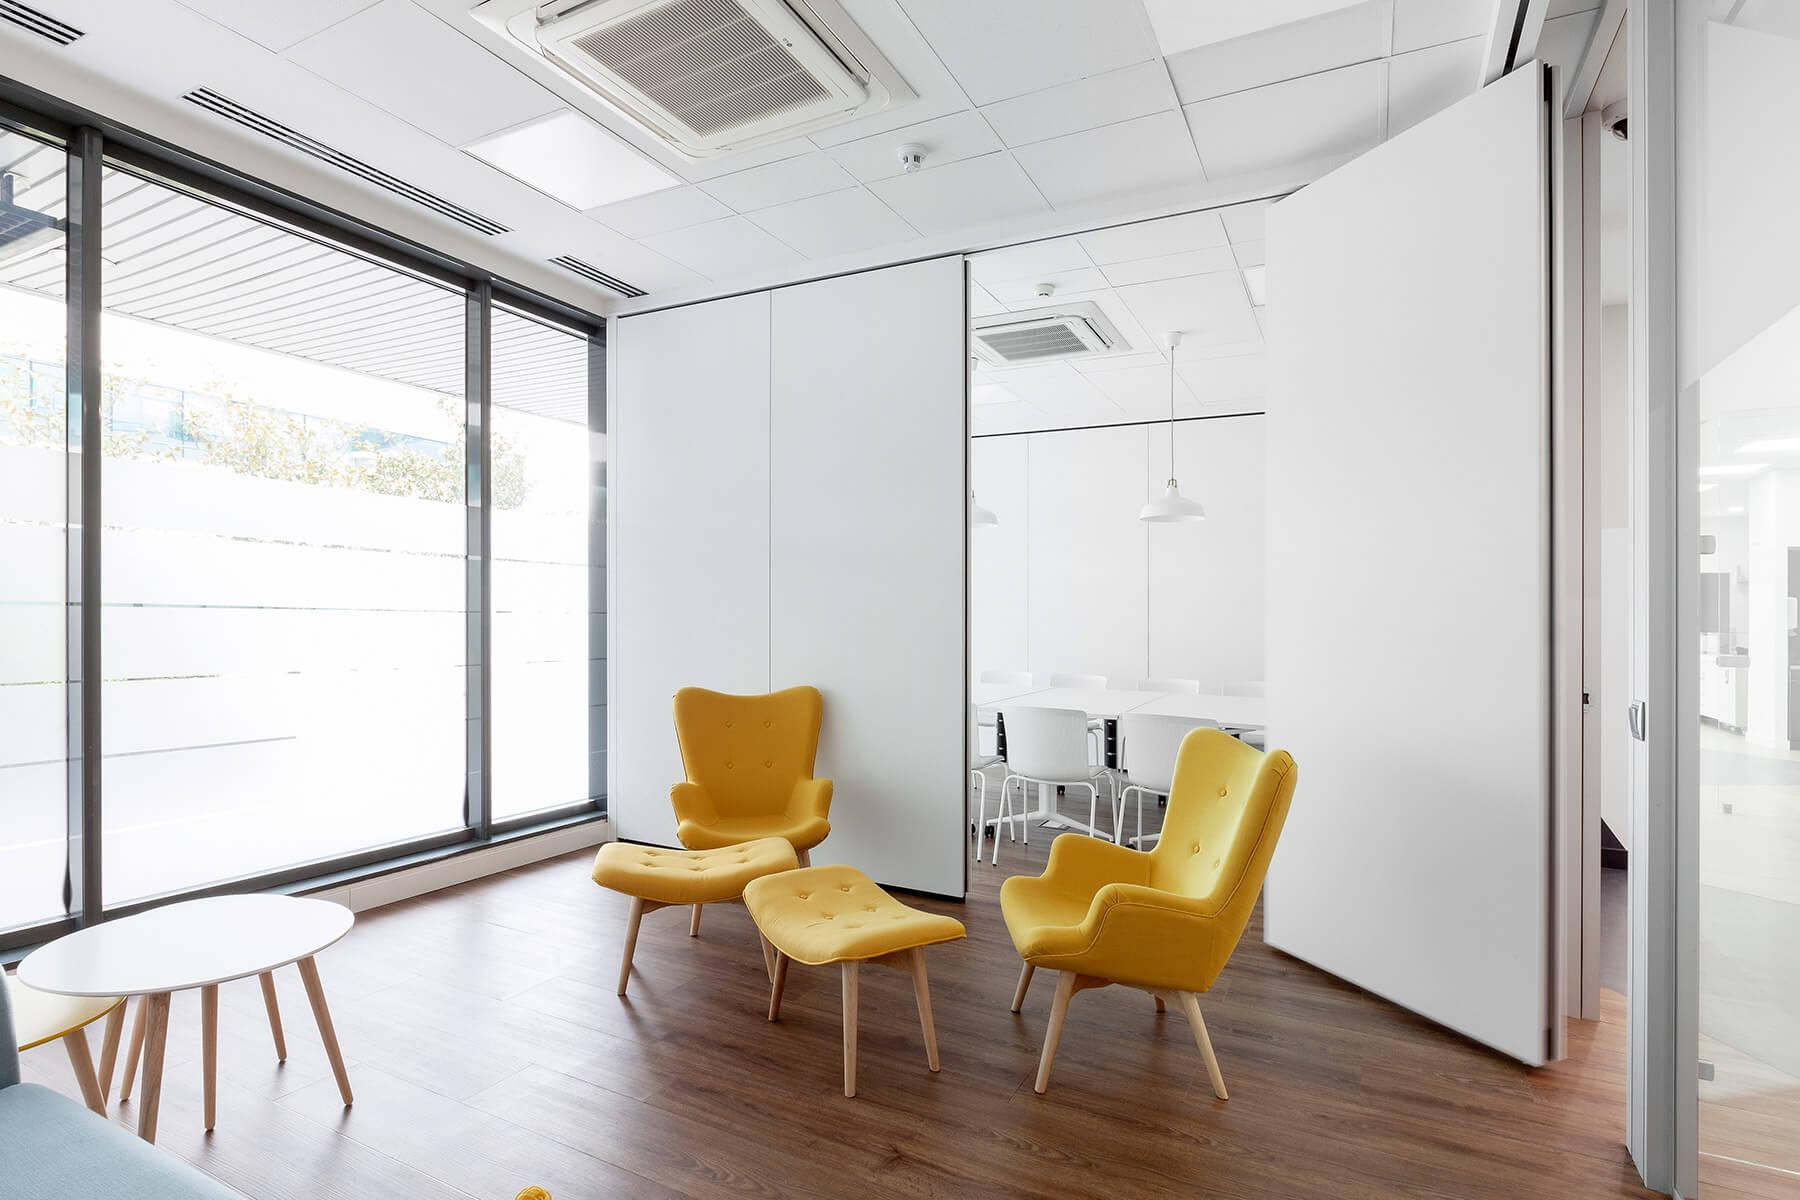 carlson wagonlit travel headquarters ubicca. Black Bedroom Furniture Sets. Home Design Ideas